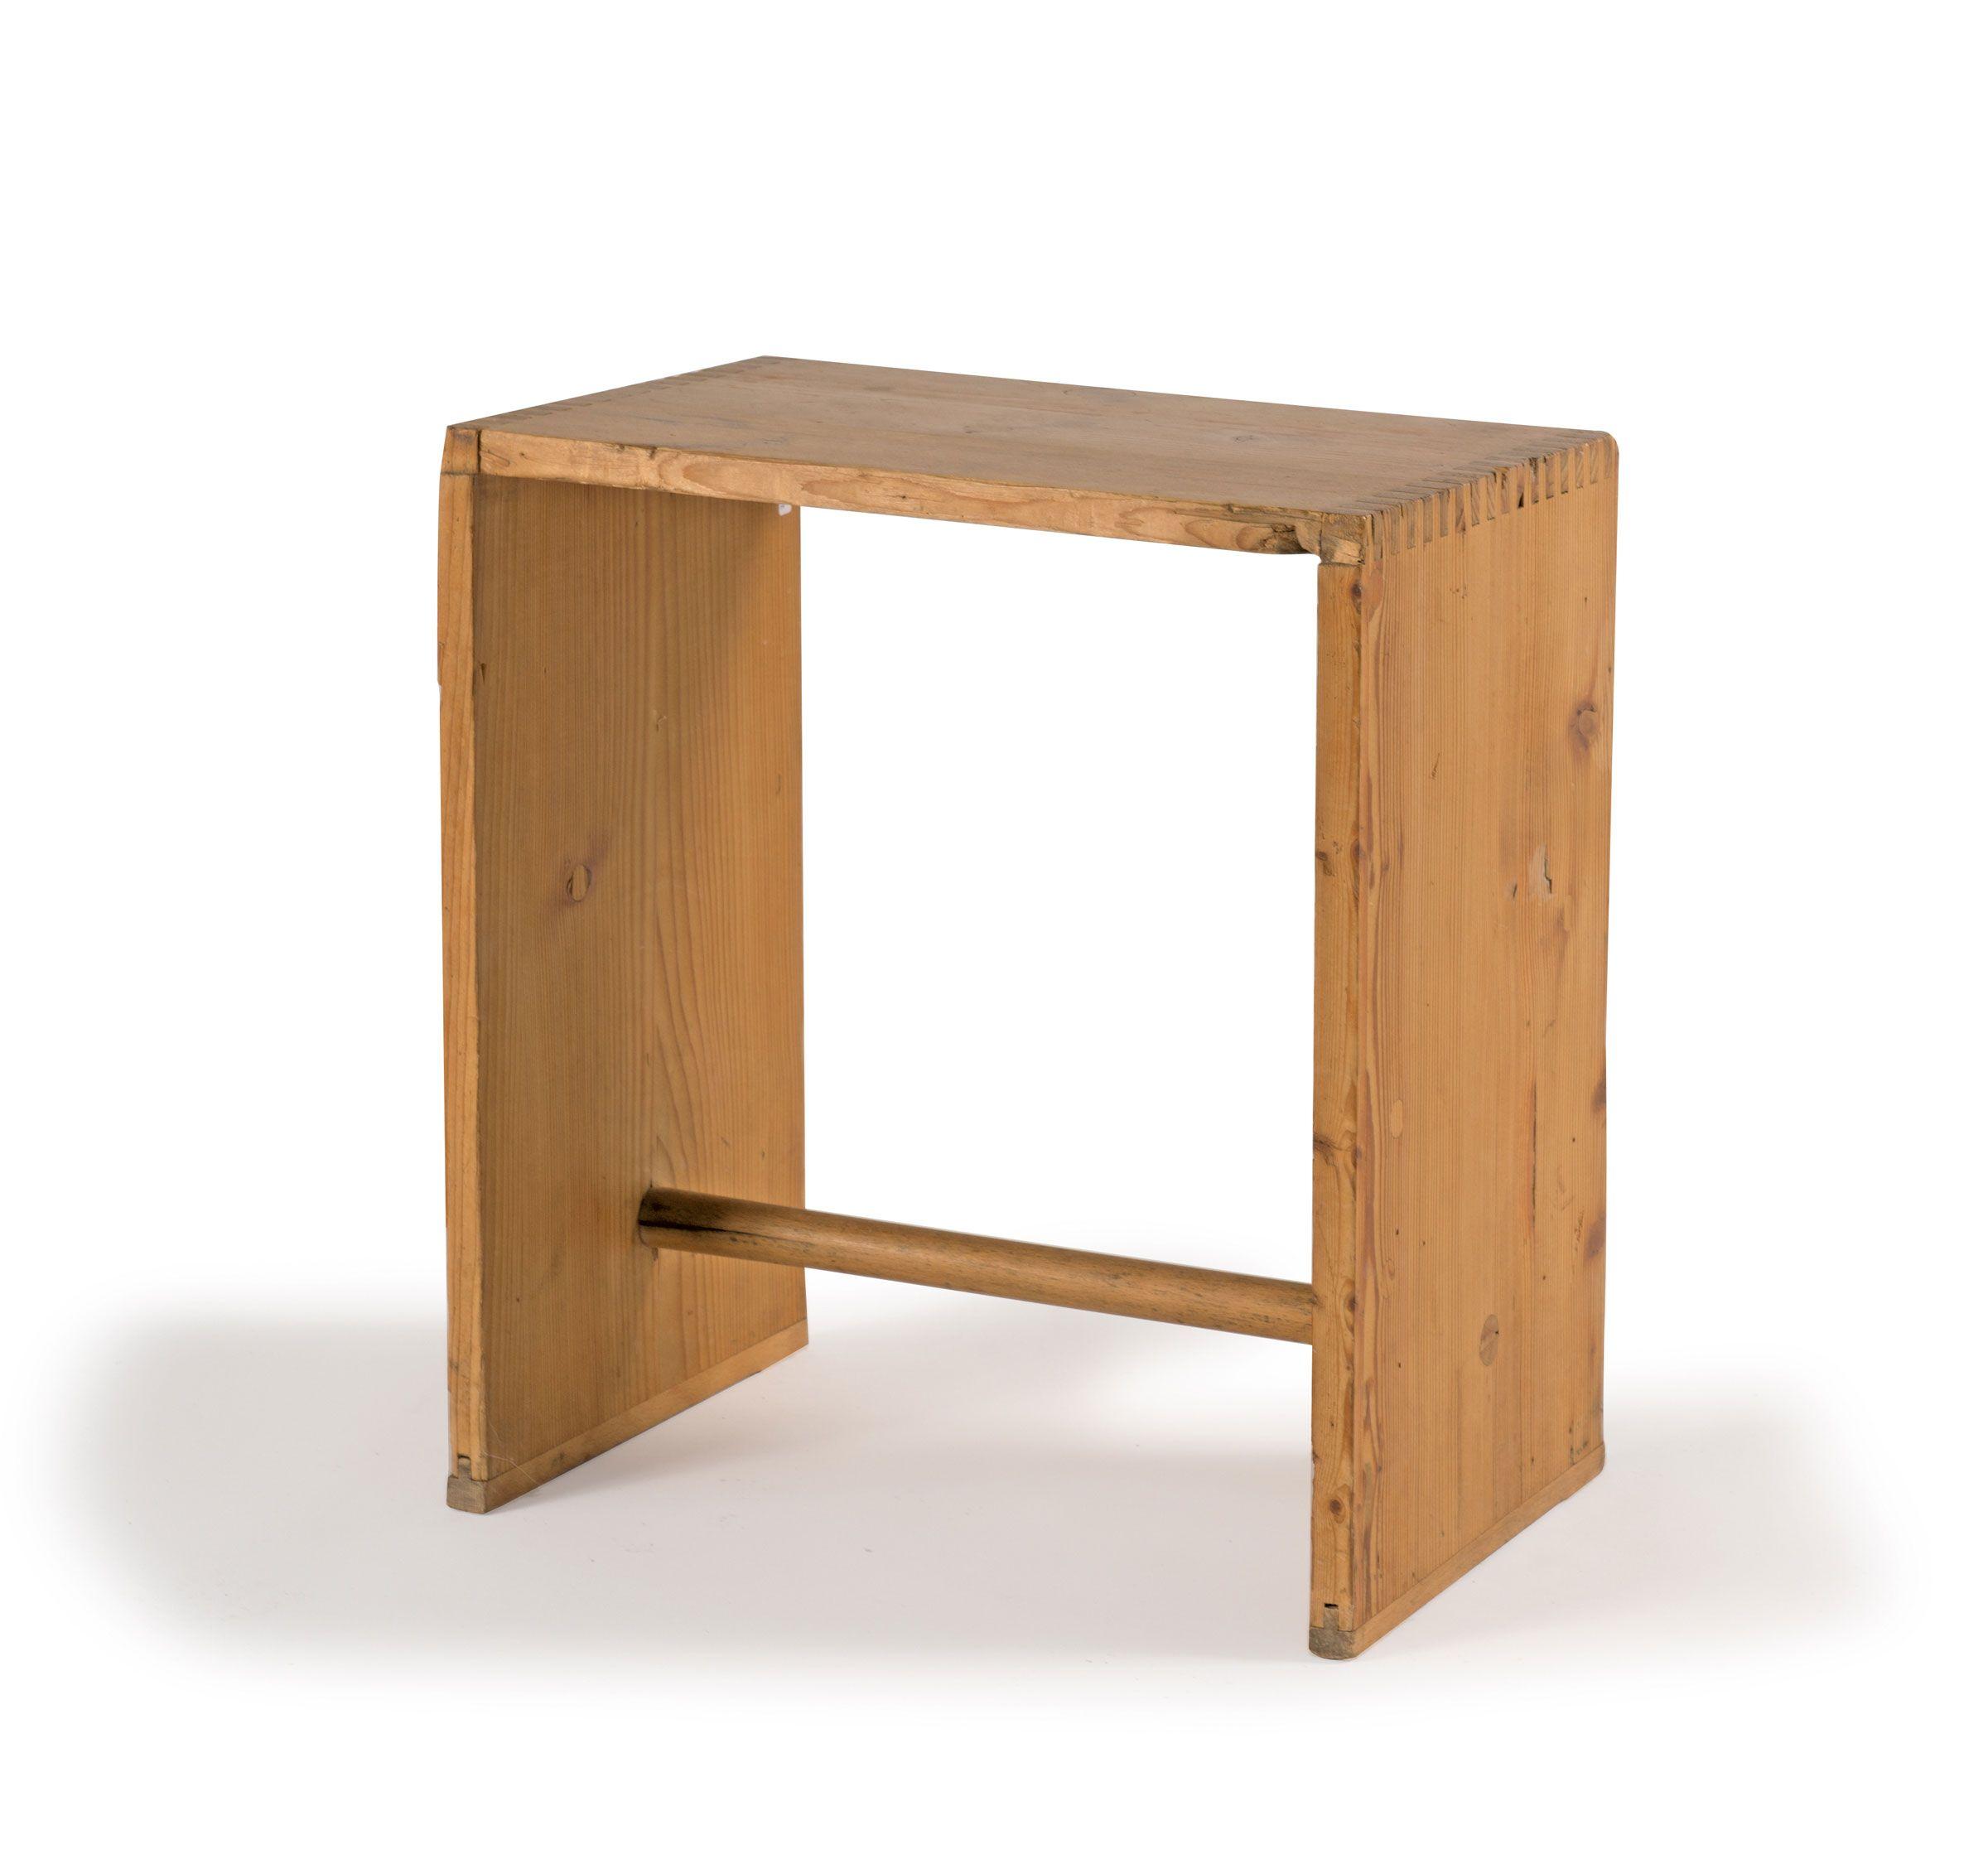 ulmer hocker hfg ulm pinterest hocker einrichtung und m bel. Black Bedroom Furniture Sets. Home Design Ideas